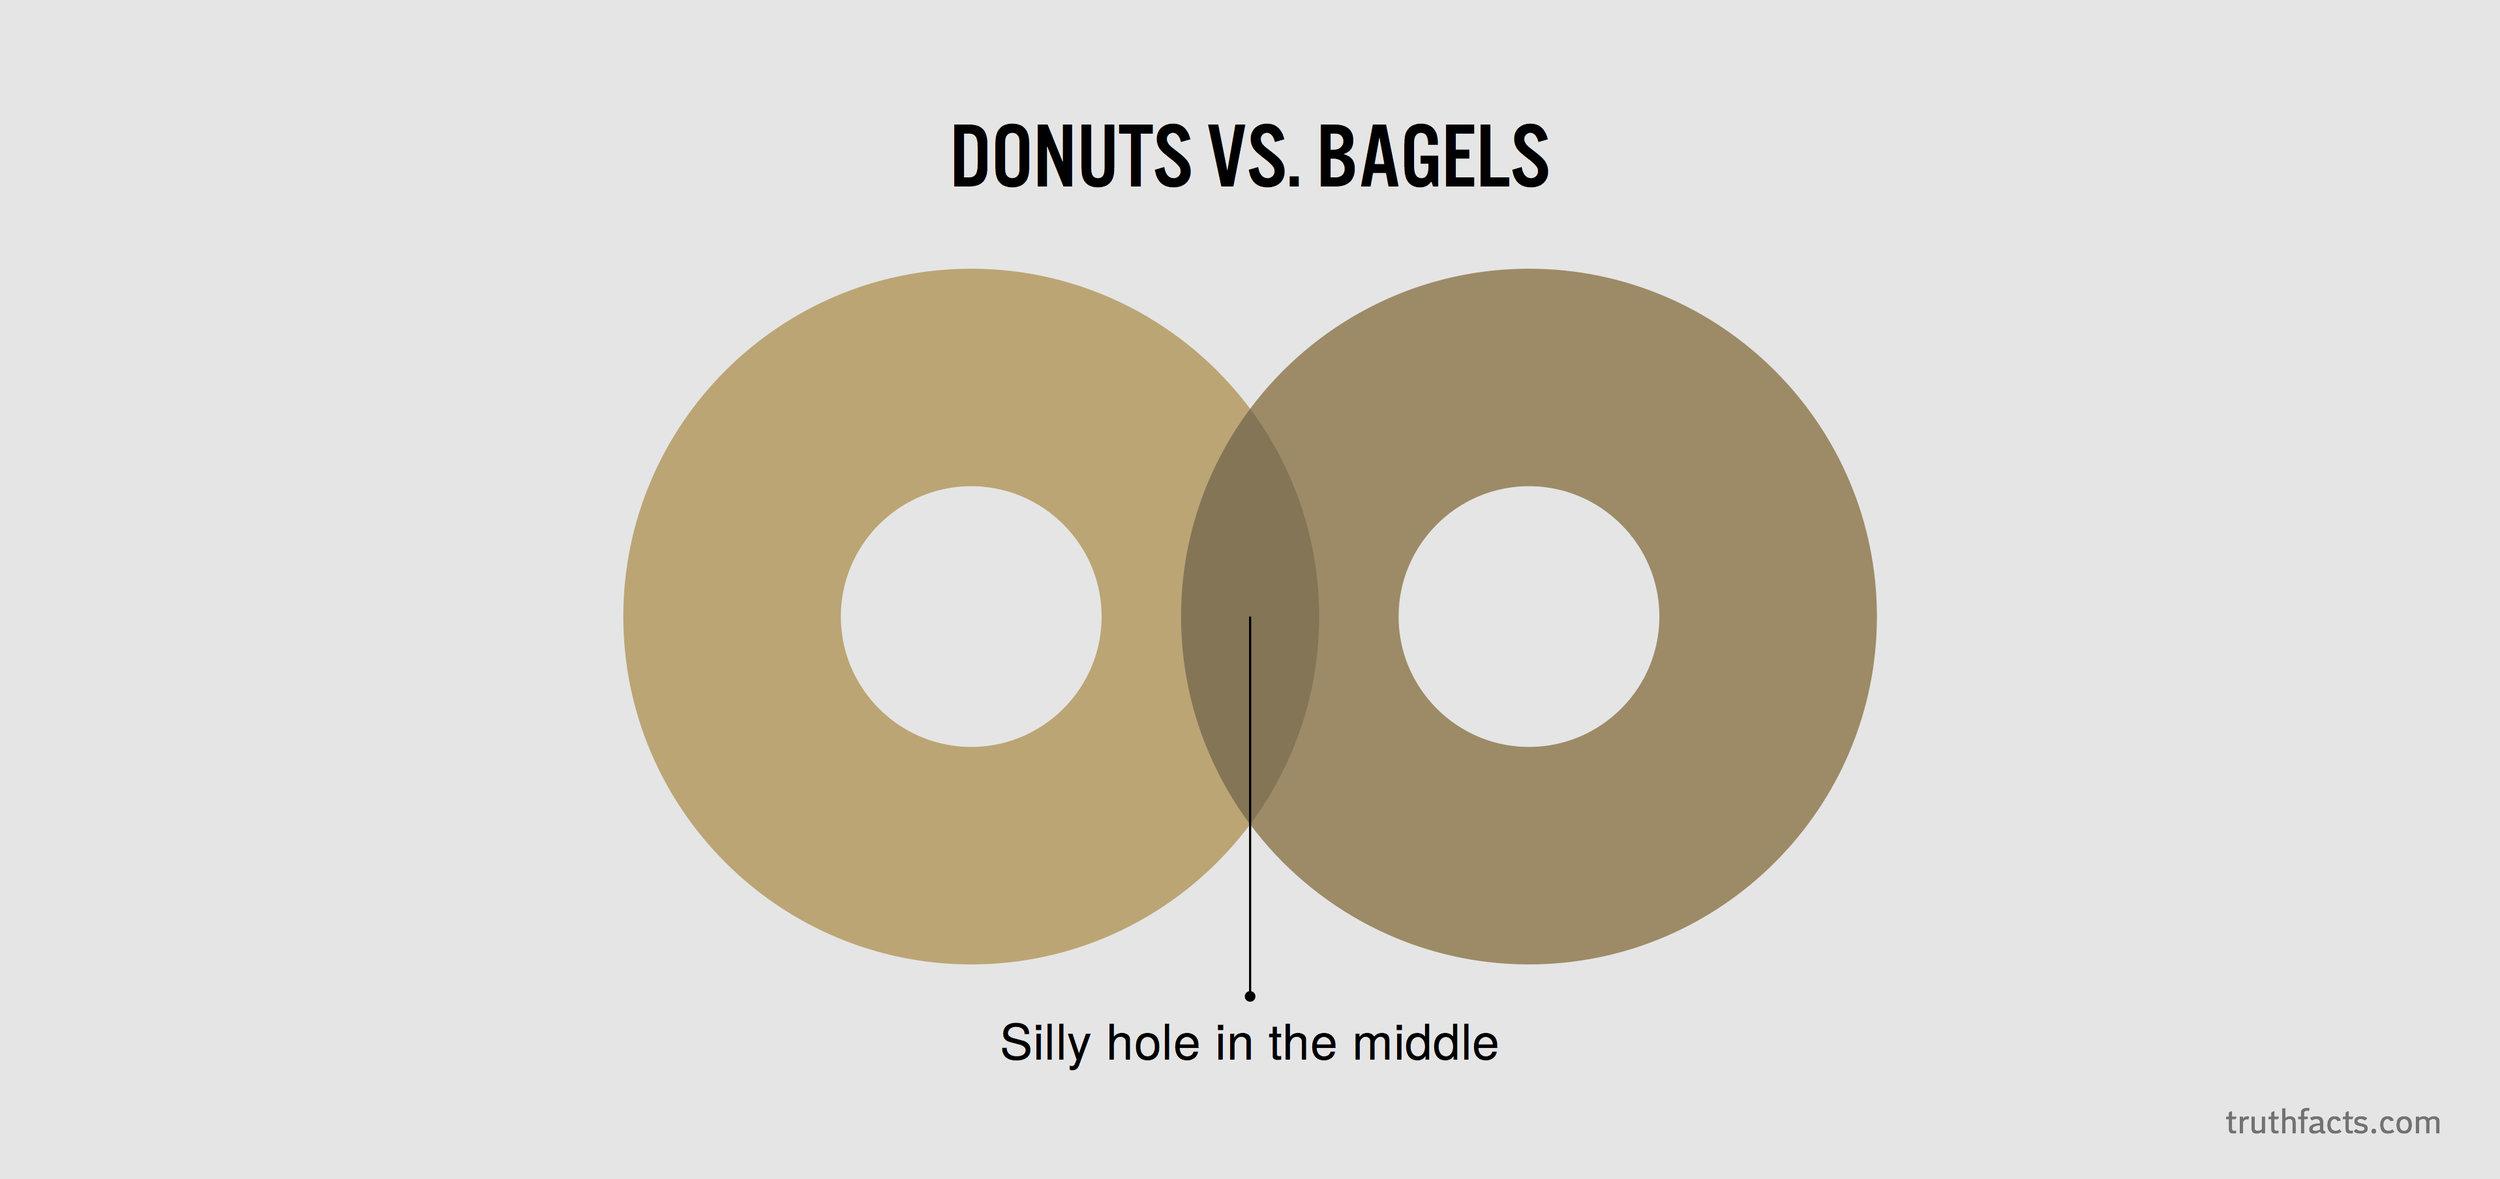 Donuts vs bagels